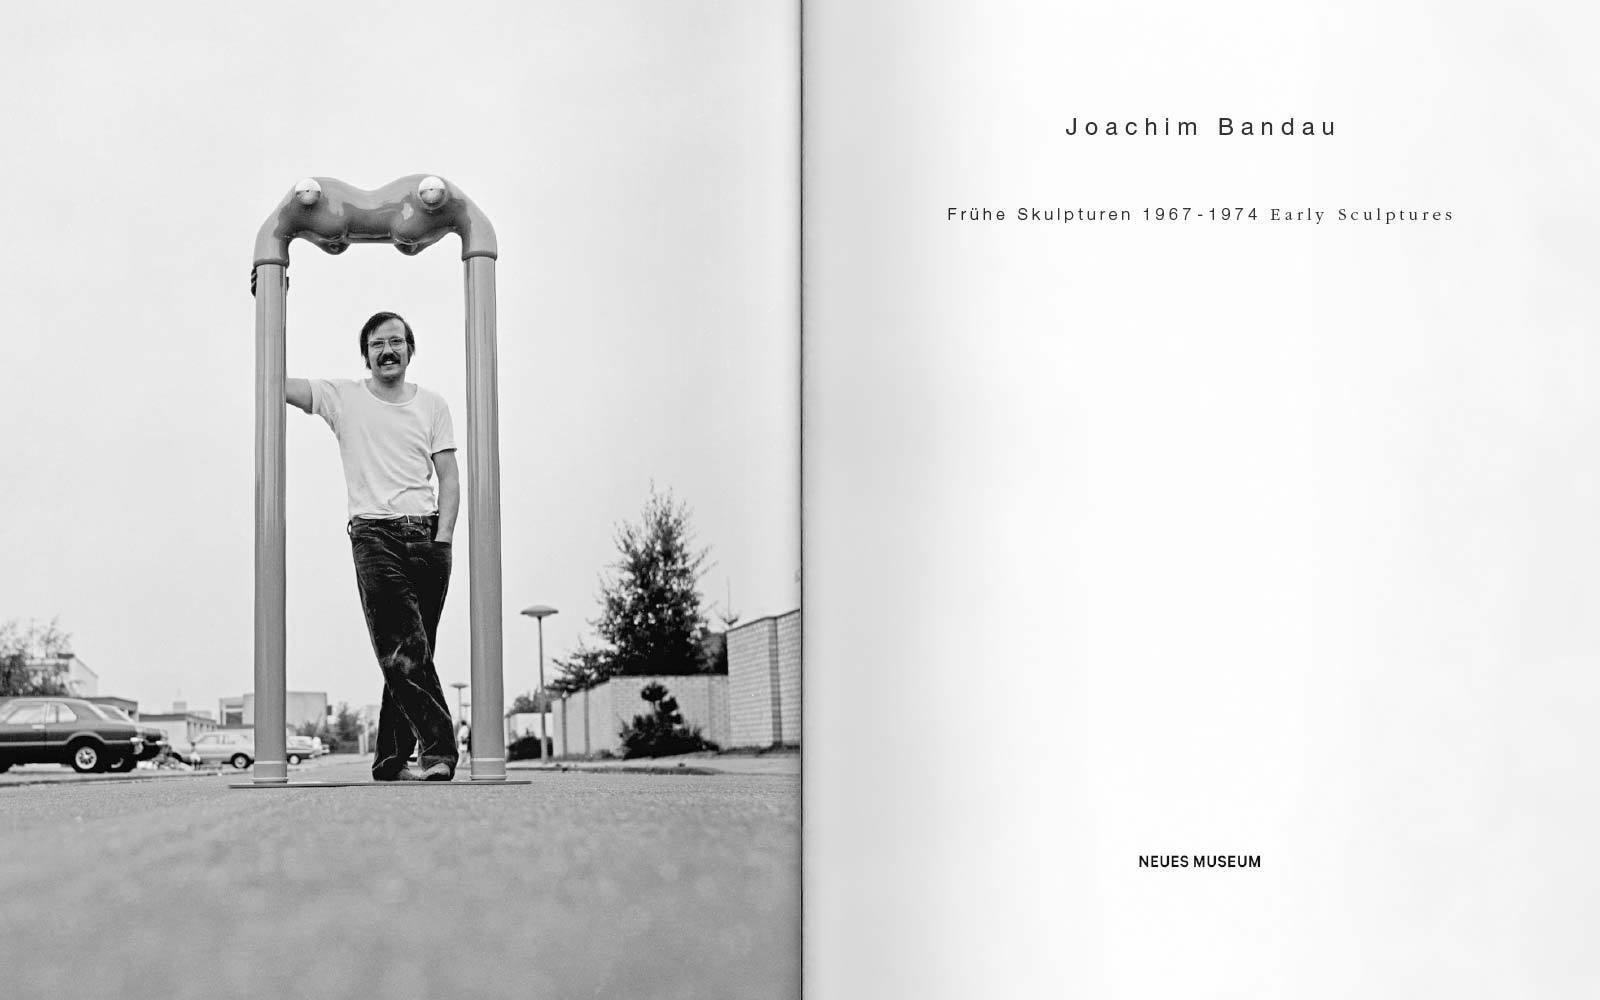 Joachim Bandau spread01 2